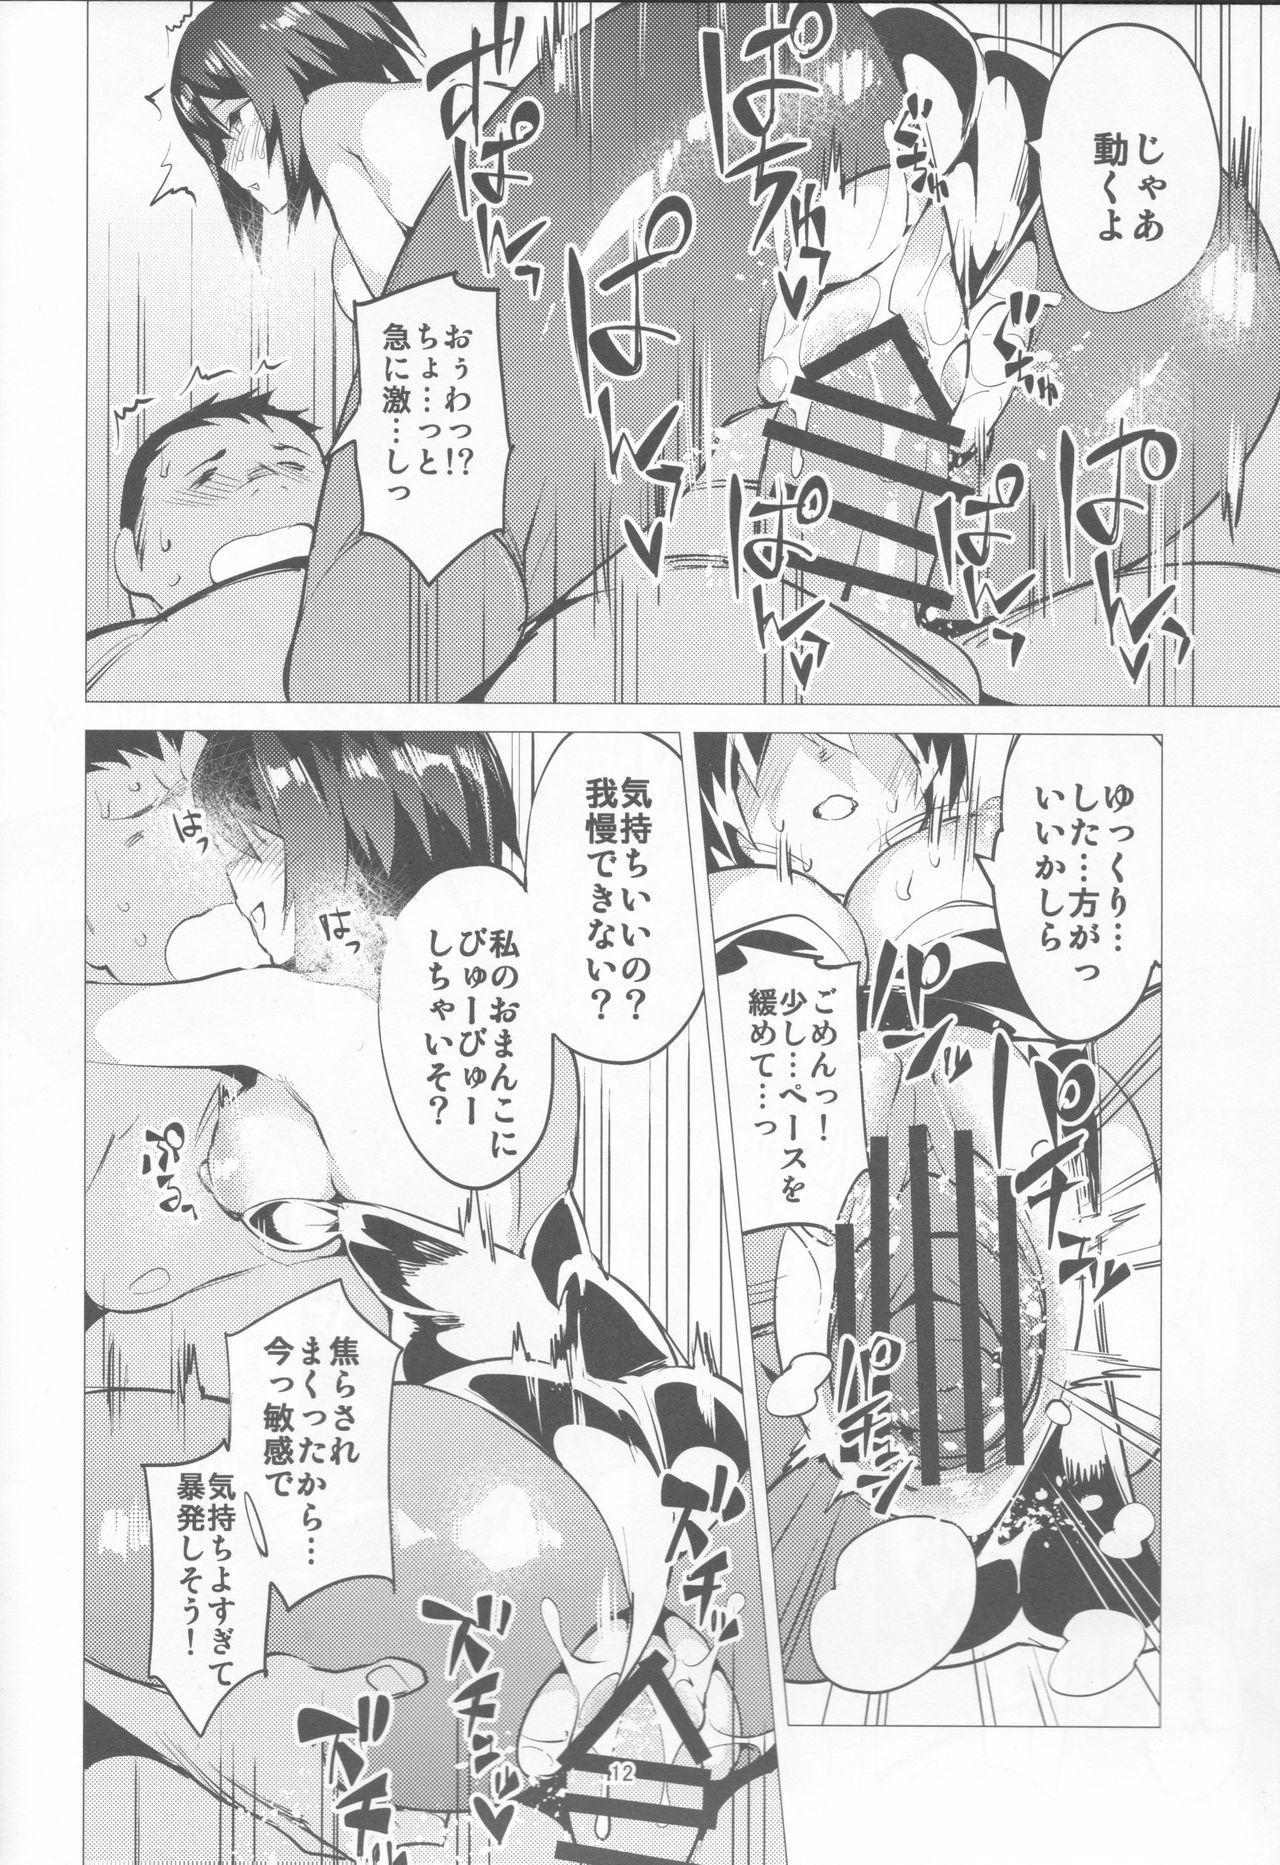 PENZERSTIC BEAST to Koshizukai no Tami 10